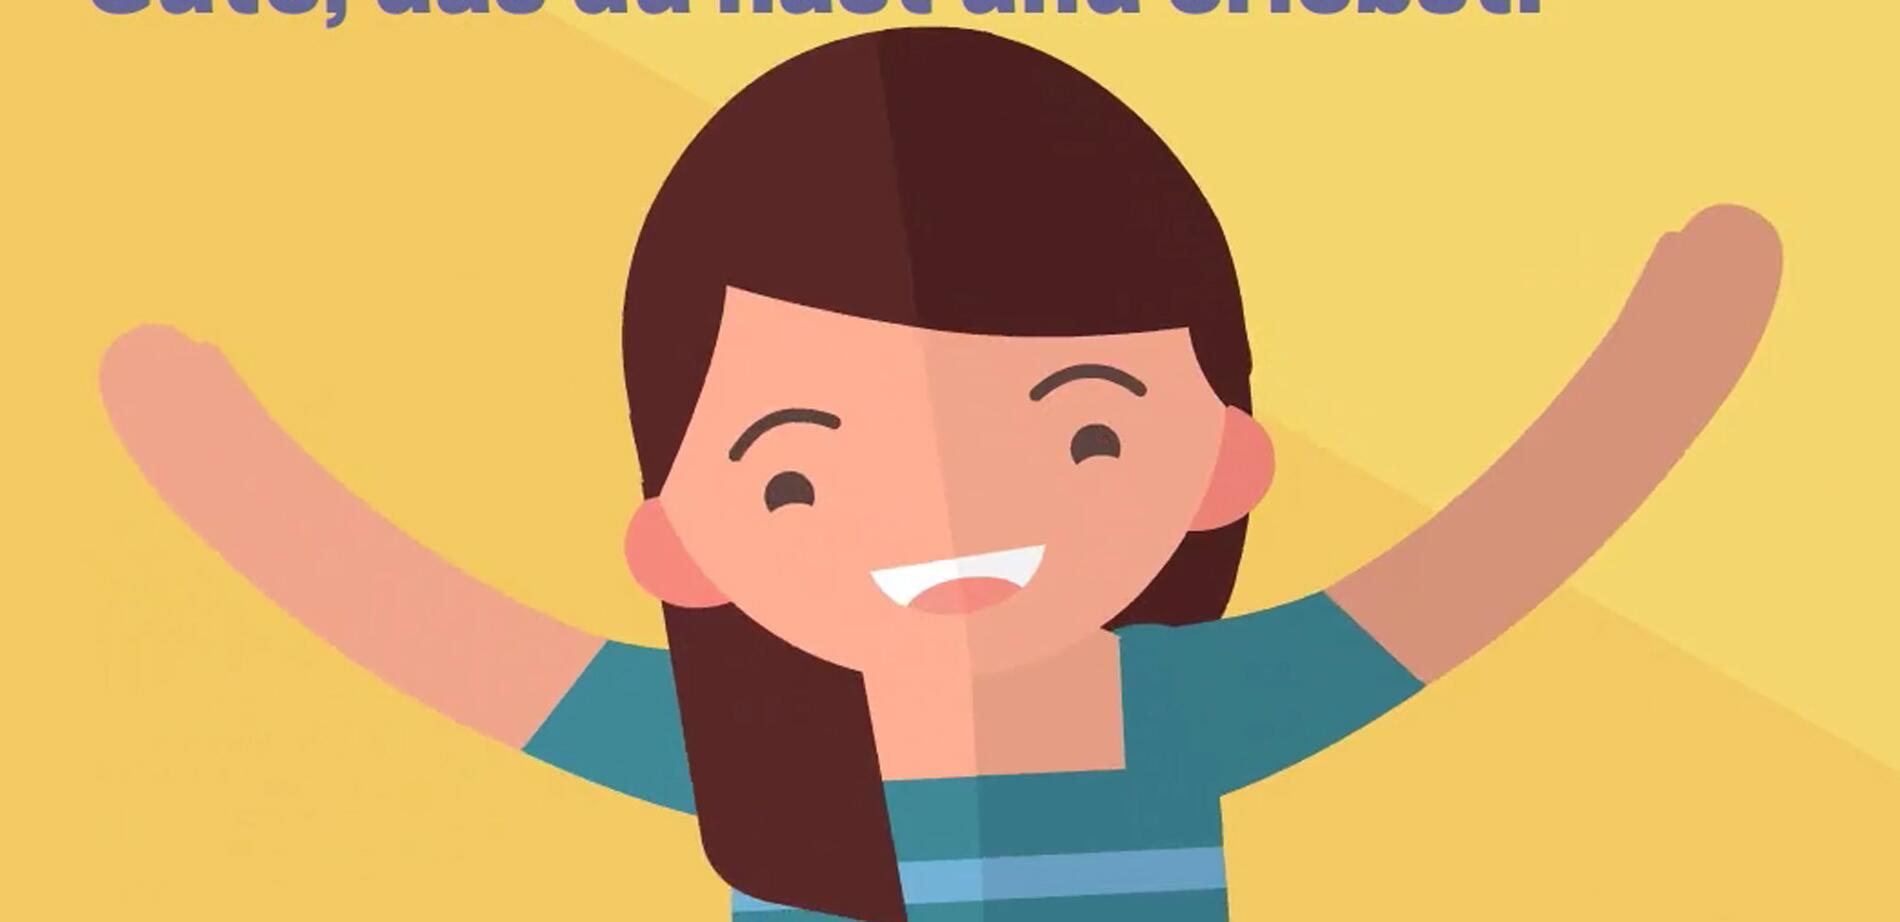 Bild zu 5 Tipps zum Glücklichsein